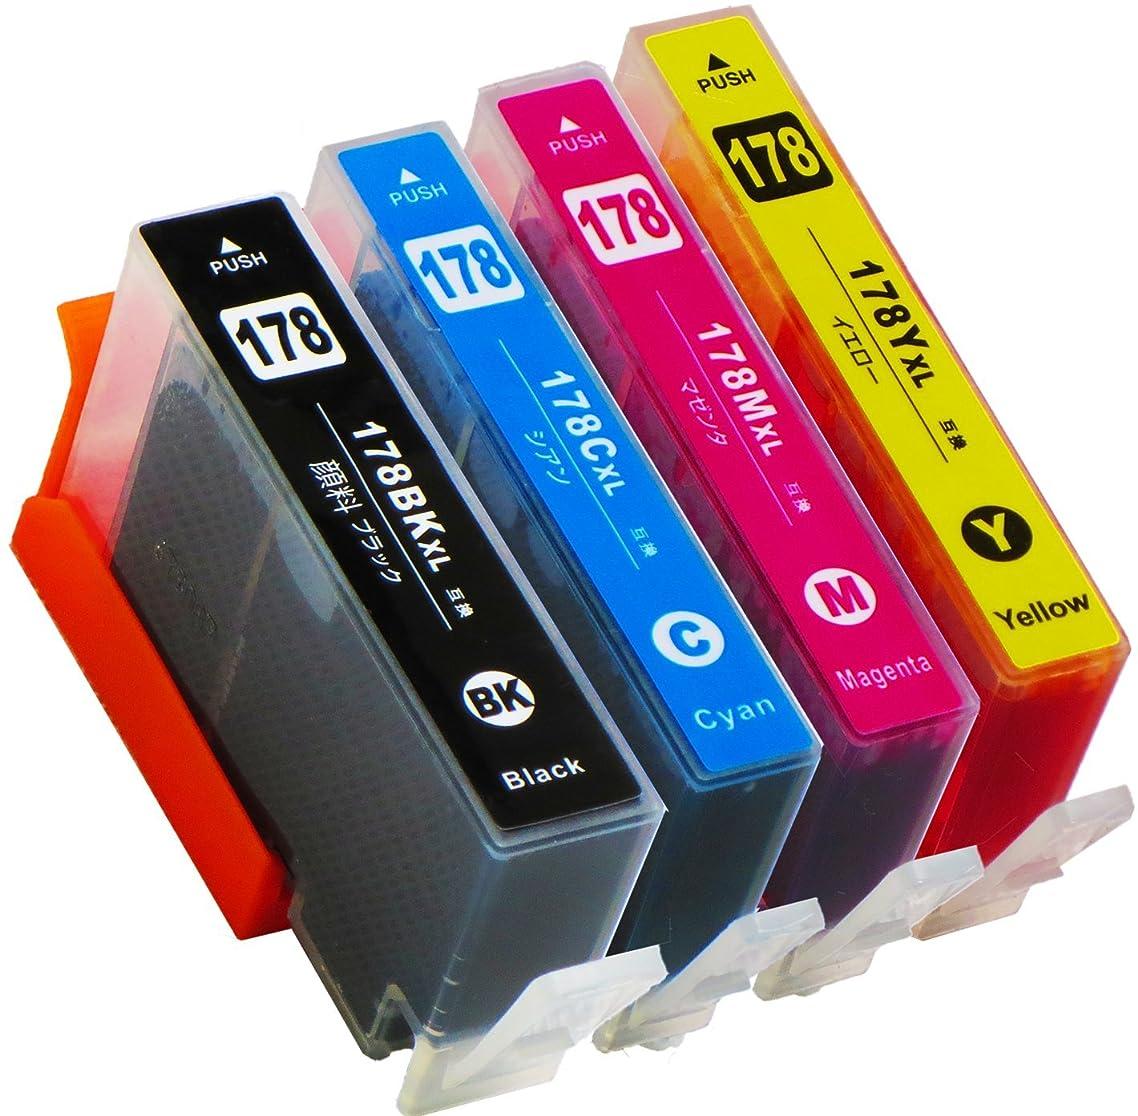 ピニオン降ろすモトリーhp ( ヒューレットパッカード )用 HP178XL 4色マルチパック互換インク ( CR281AA 互換インク増量サイズ) ISO14001/ISO9001認証工場生産商品 残量表示対応ICチップ 1年保証 インクのチップスオリジナル 対応機種: Deskjet 3070A / 3520 / Officejet 4620 / Photosmart 5510 / 5520 / 5521 / 6510 / 6520 / 6521 / B109A / C5380 / C6380 / D5460 / B209A / B210a / C309a / C309G / C310c / B109N / B110a